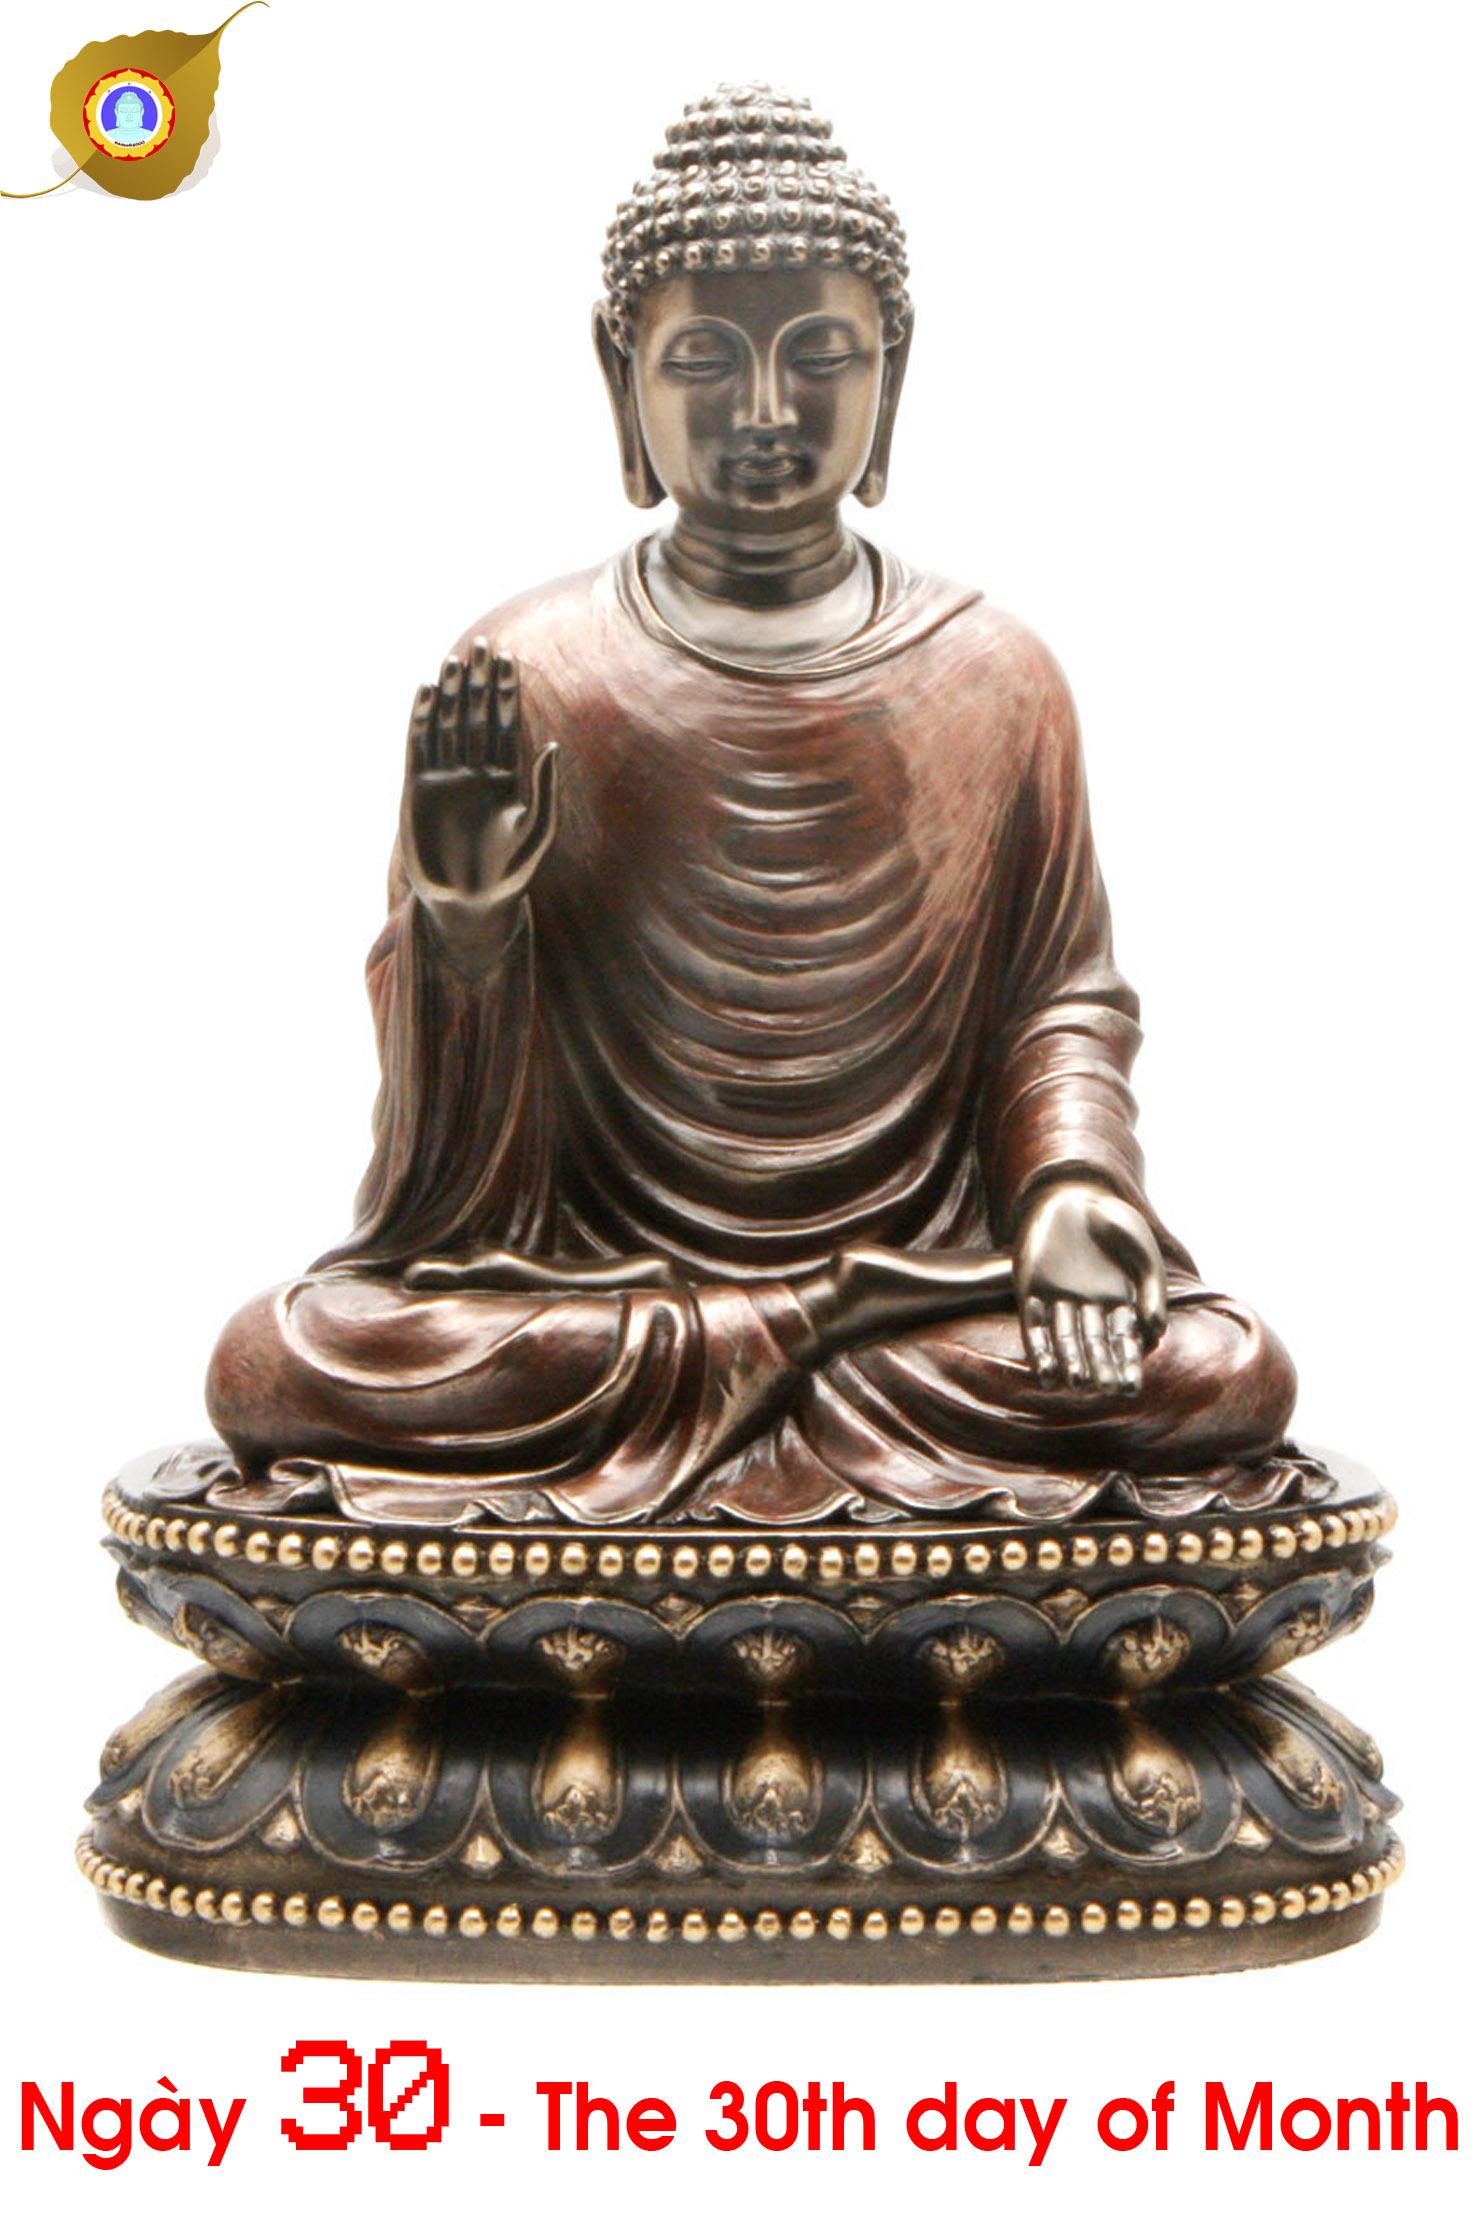 Duyên nhật ngày 30: Đức Bổn Sư Thích Ca Mâu Ni Phật – Fundamental Teacher Shakyamuni Buddha